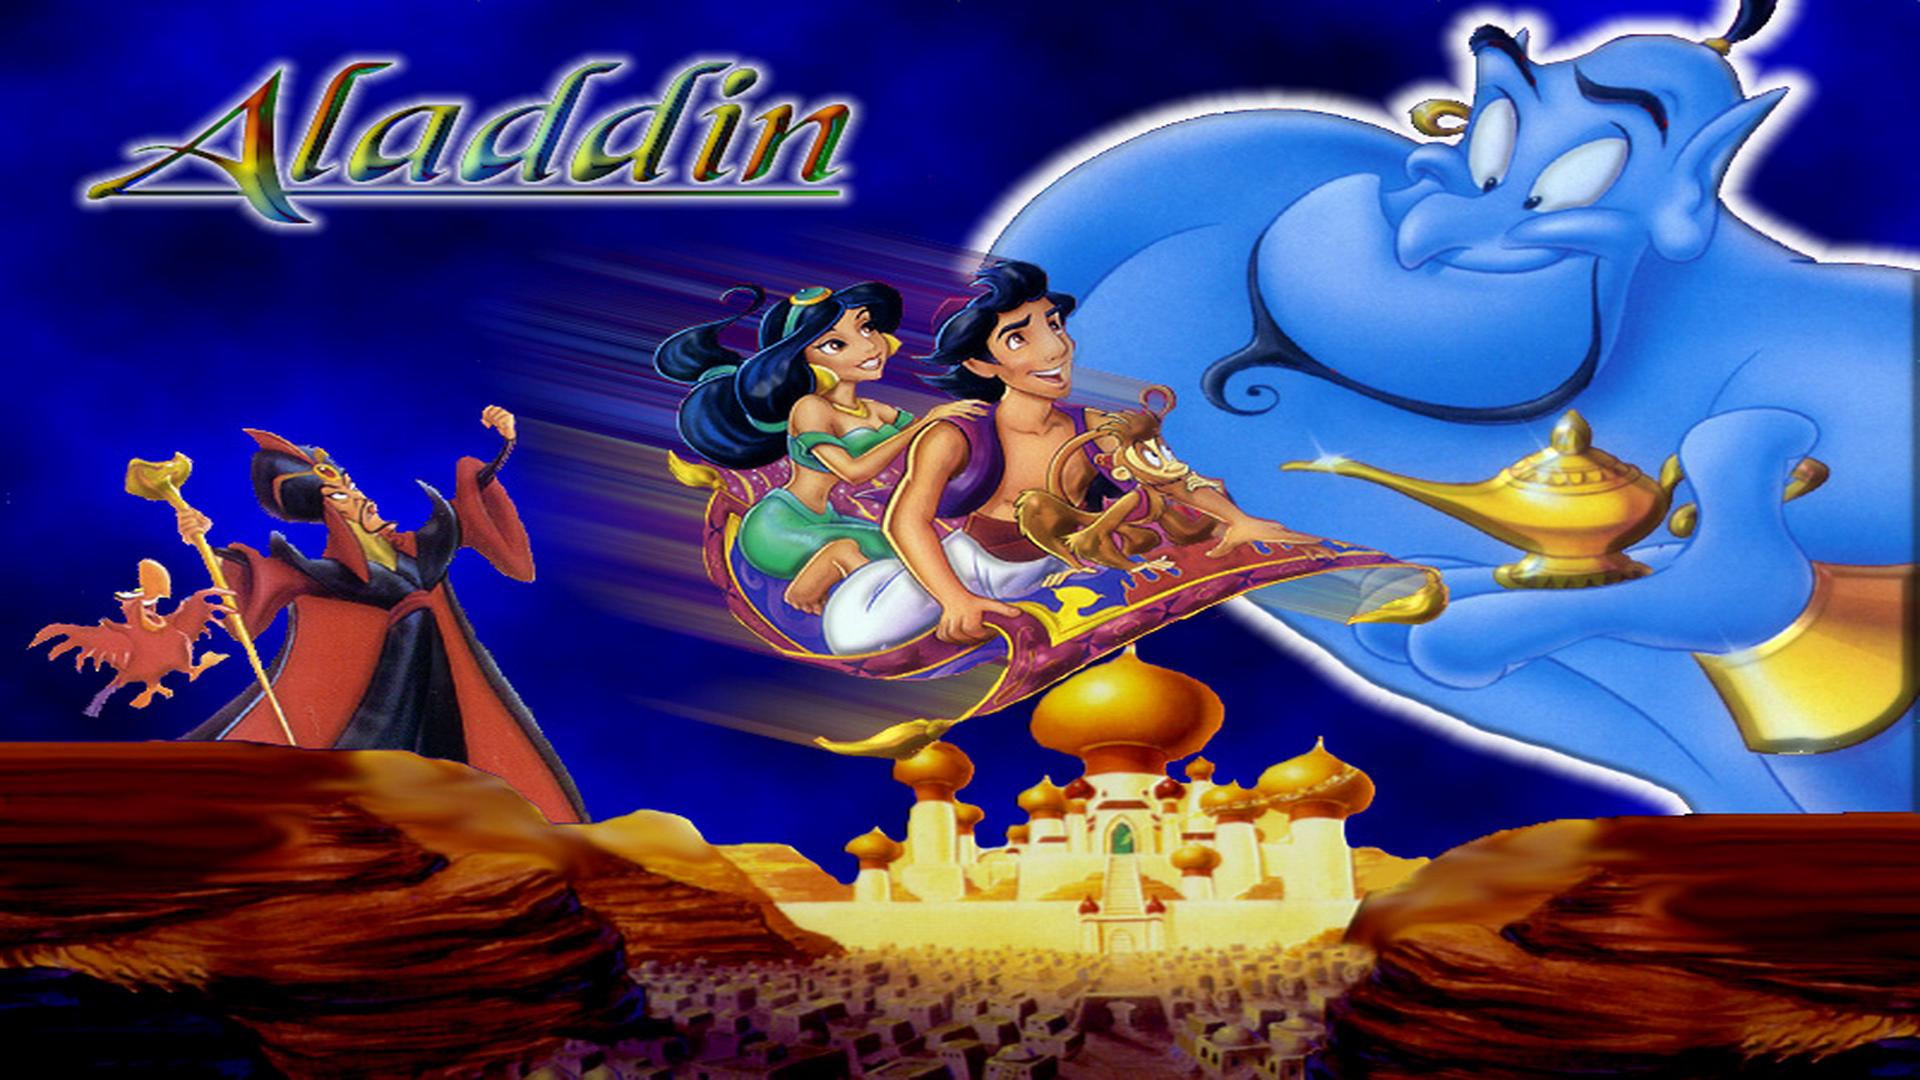 <b>Aladdin Wallpaper</b> - WallpaperSafari